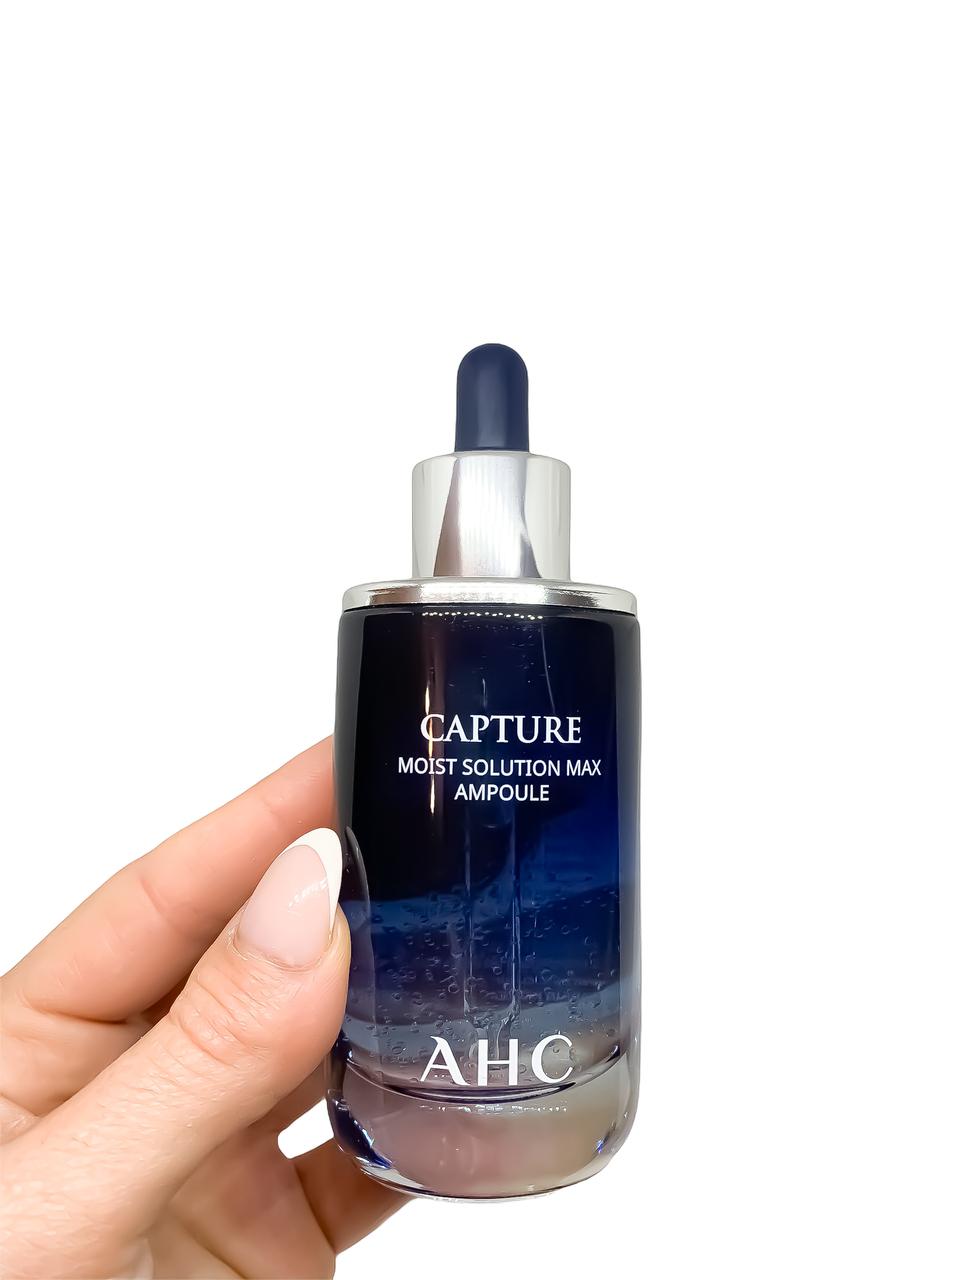 Зволожувальна ампульна сироватка AHC Capture Moist Solution Max ampoule